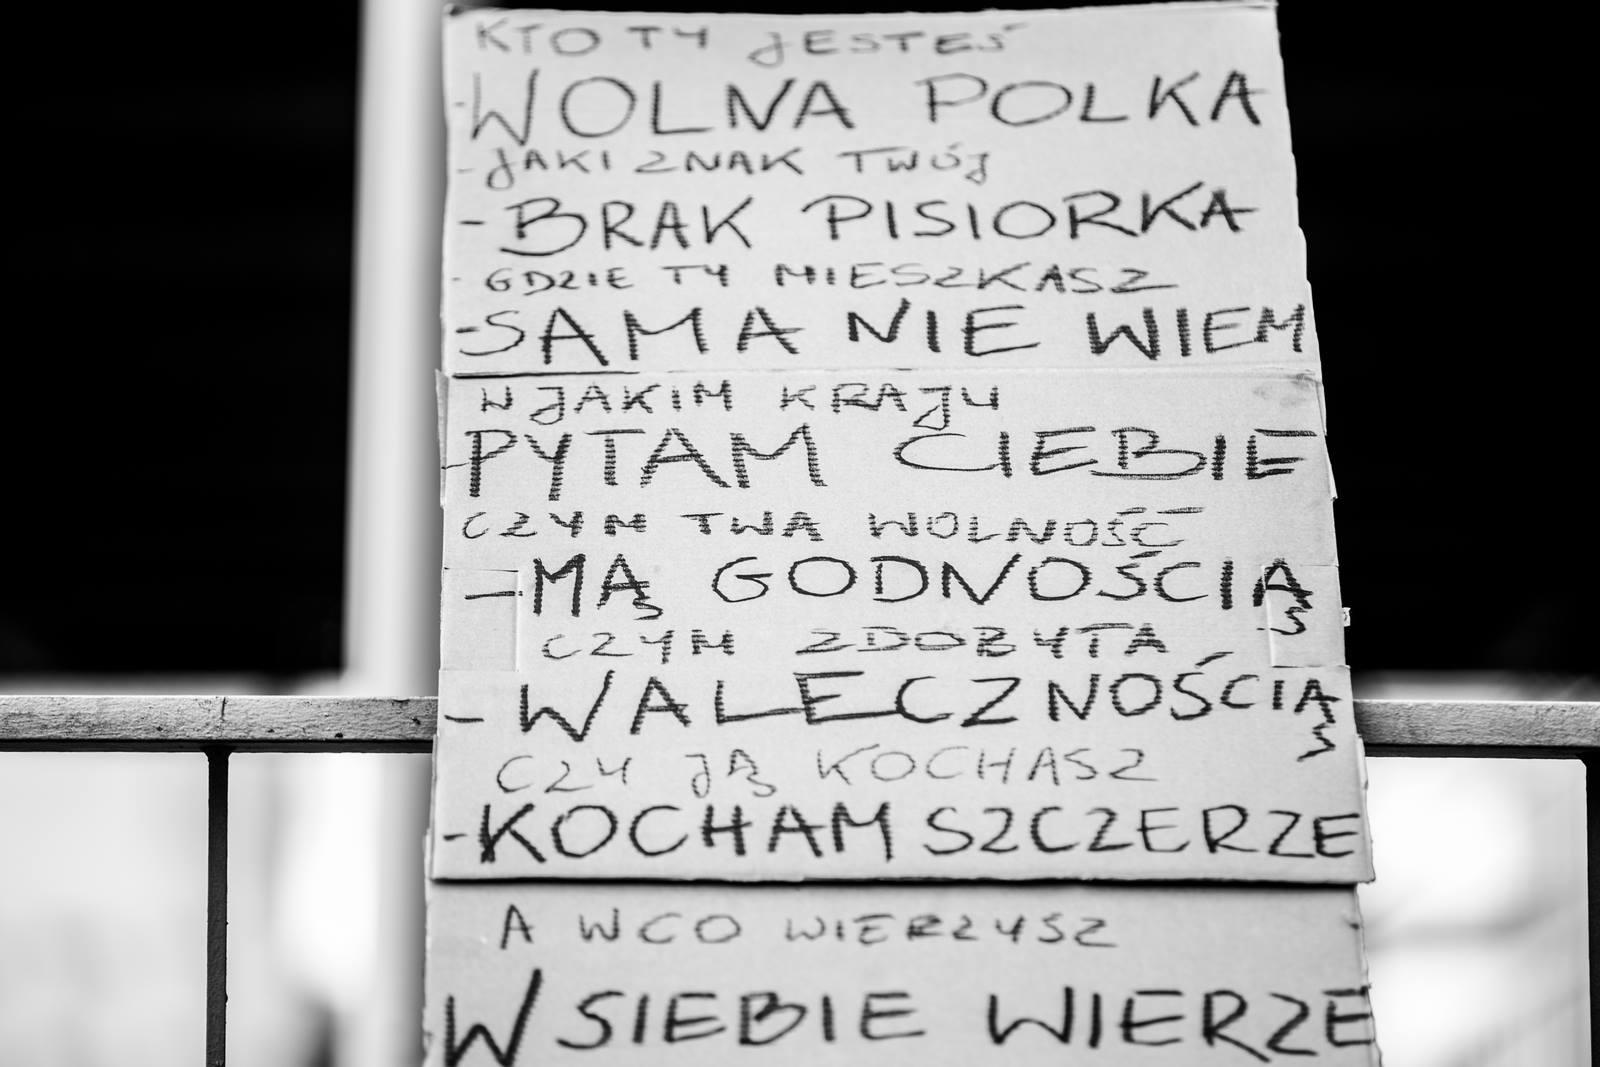 Foto: Maciej Soja